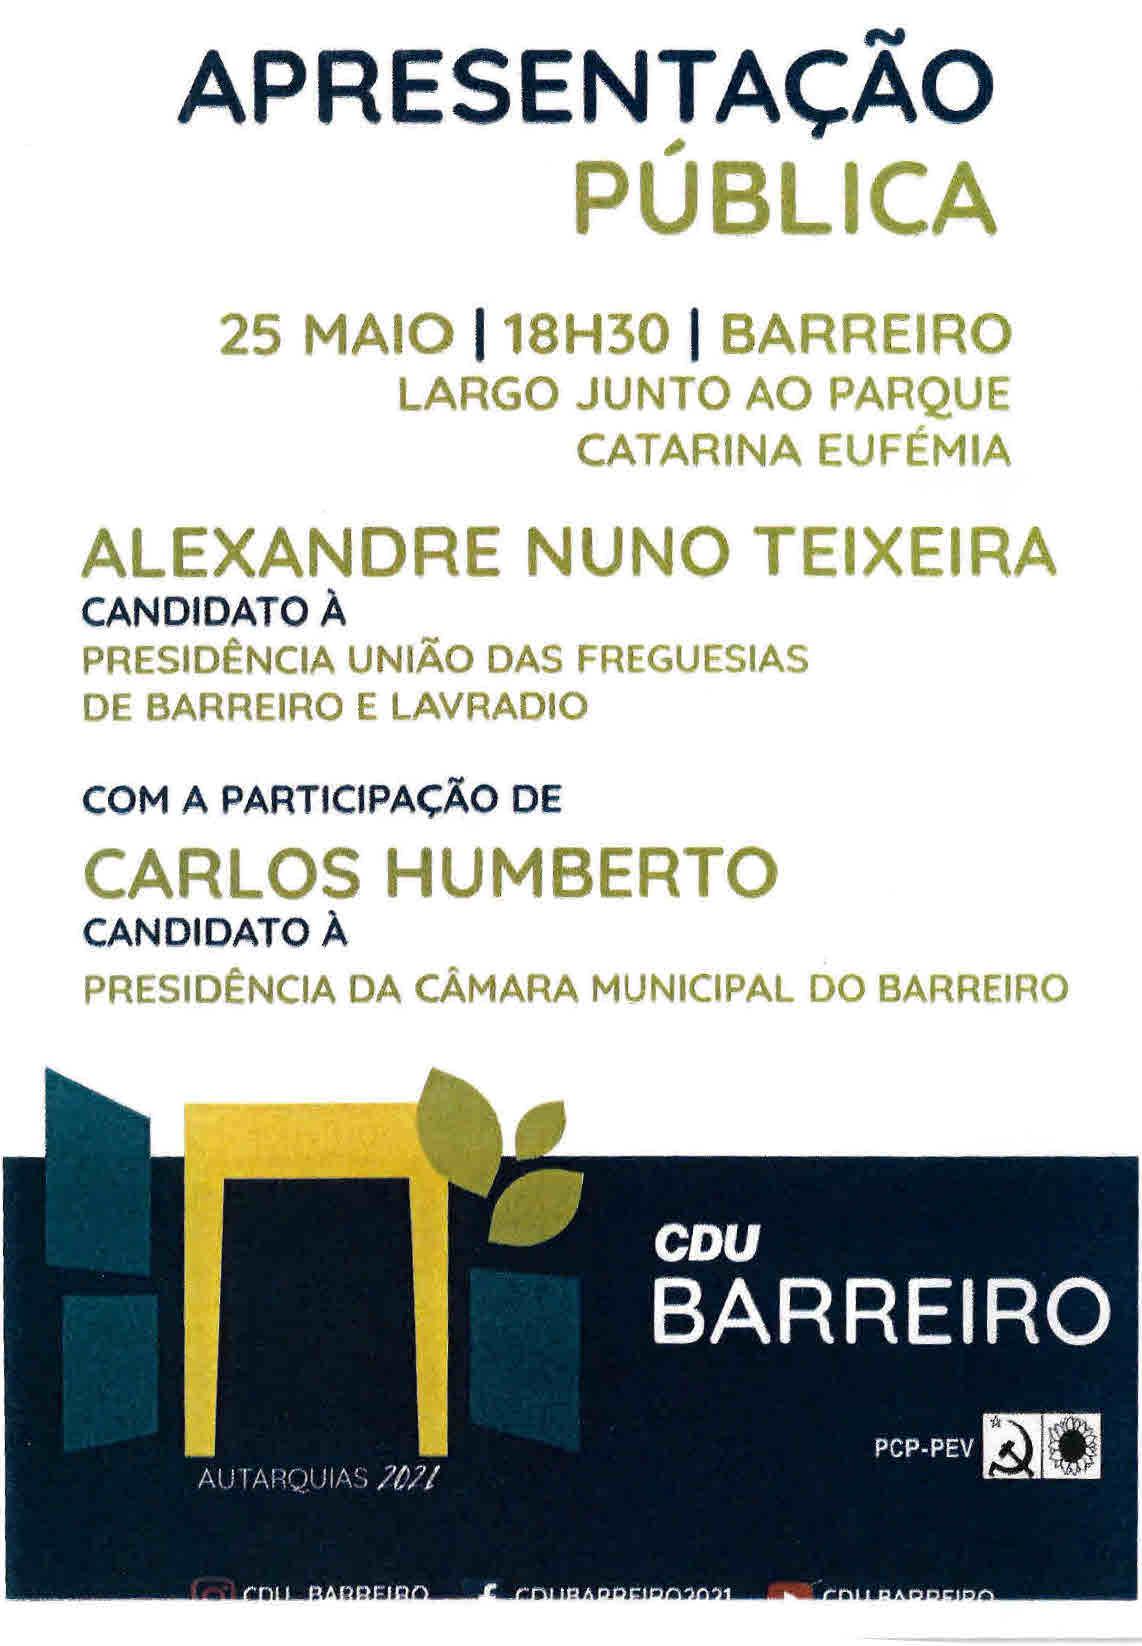 CDU_2021_Barreiro_00000